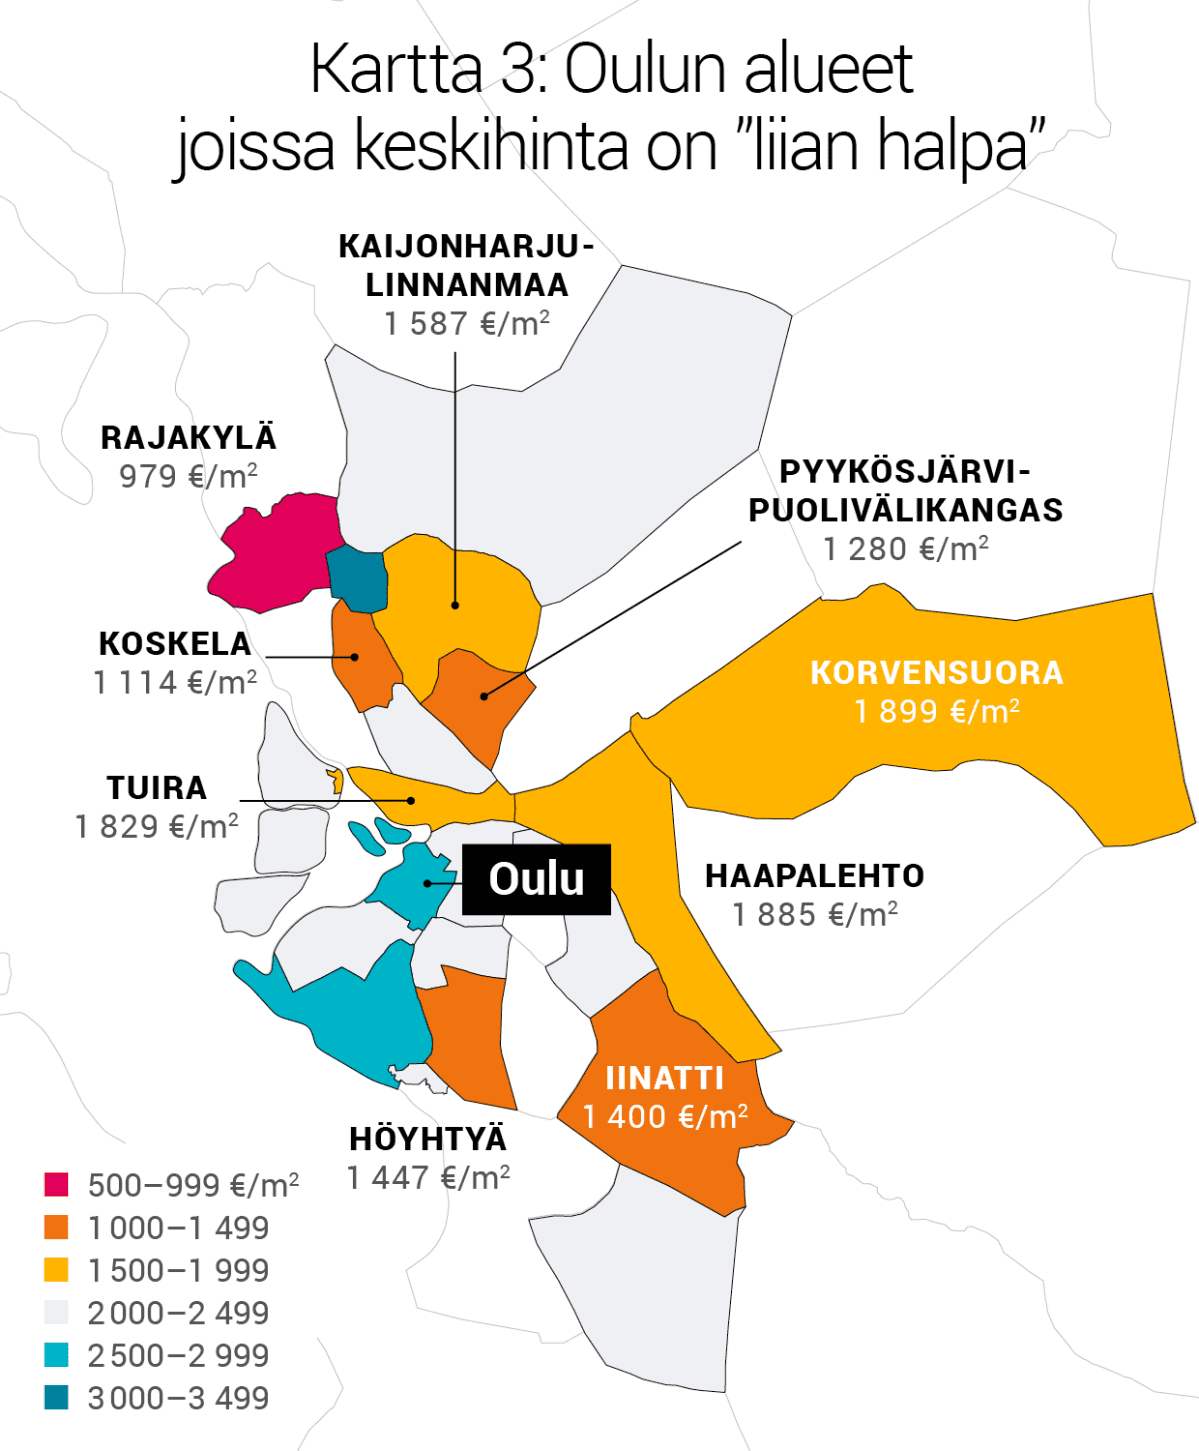 """Kartta 3: Oulun alueet joissa keskihinta on """"liian halpa""""."""